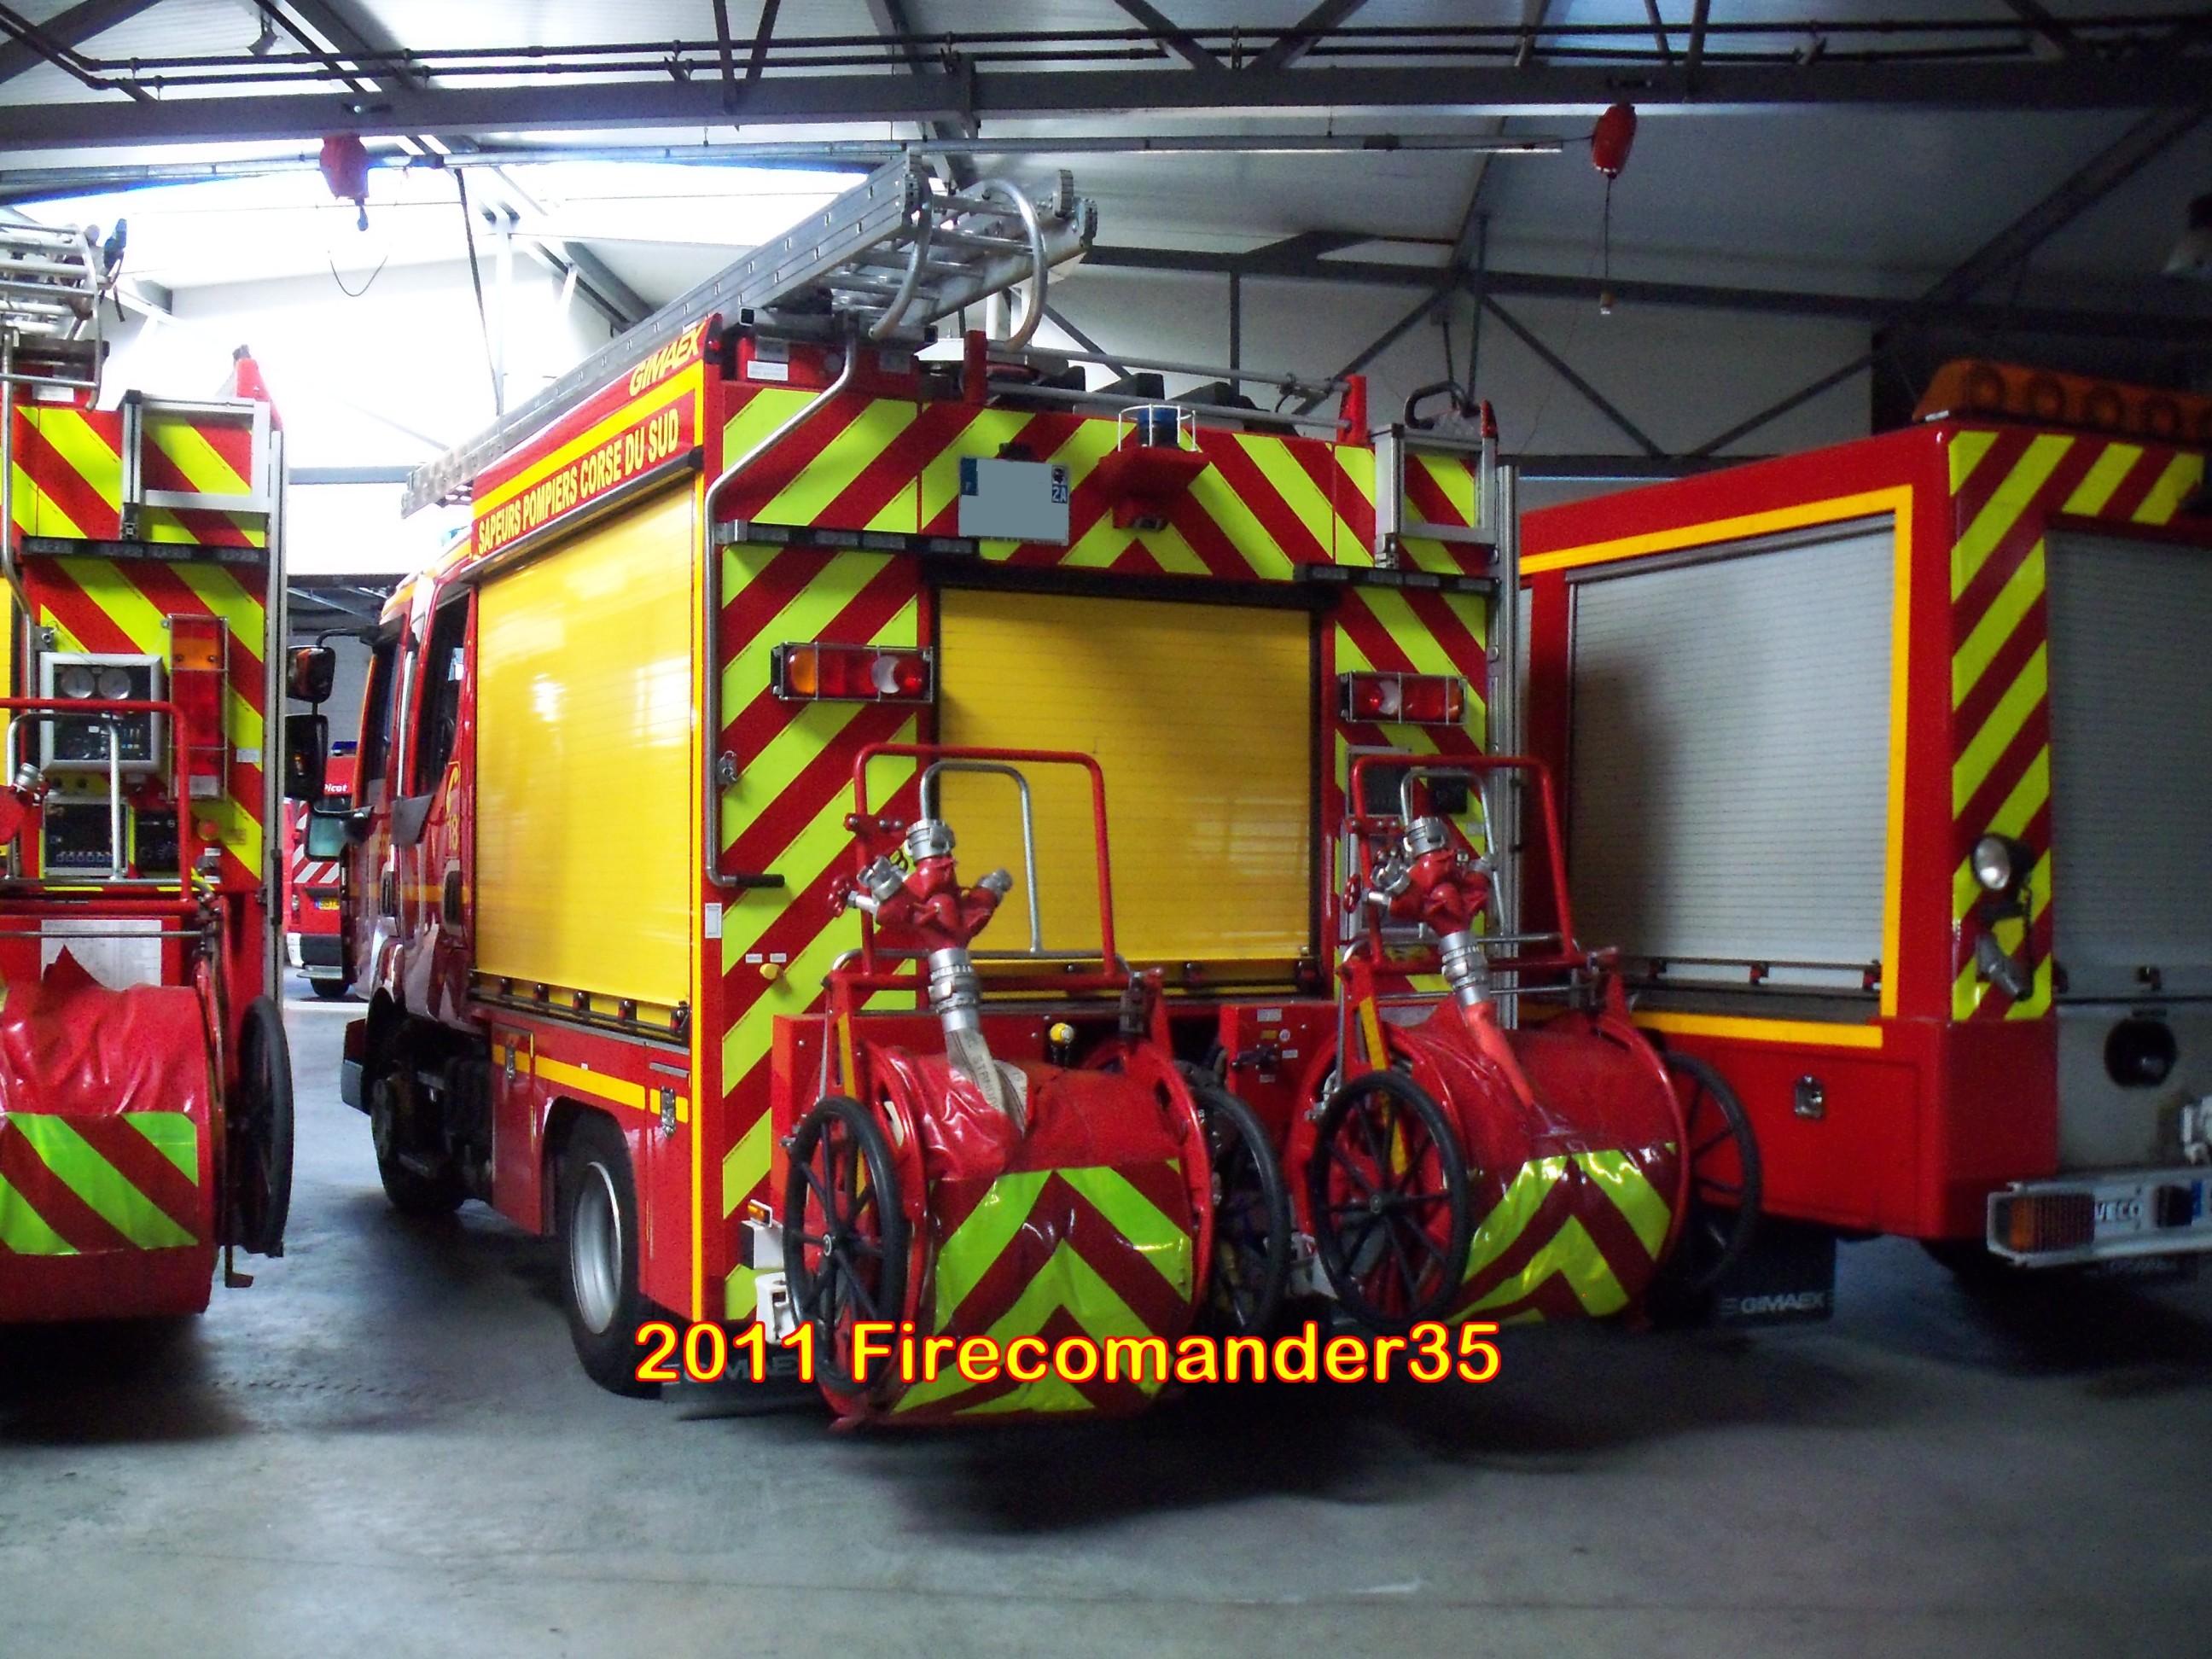 V hicules des pompiers fran ais page 909 auto titre - Magic renov avis ...